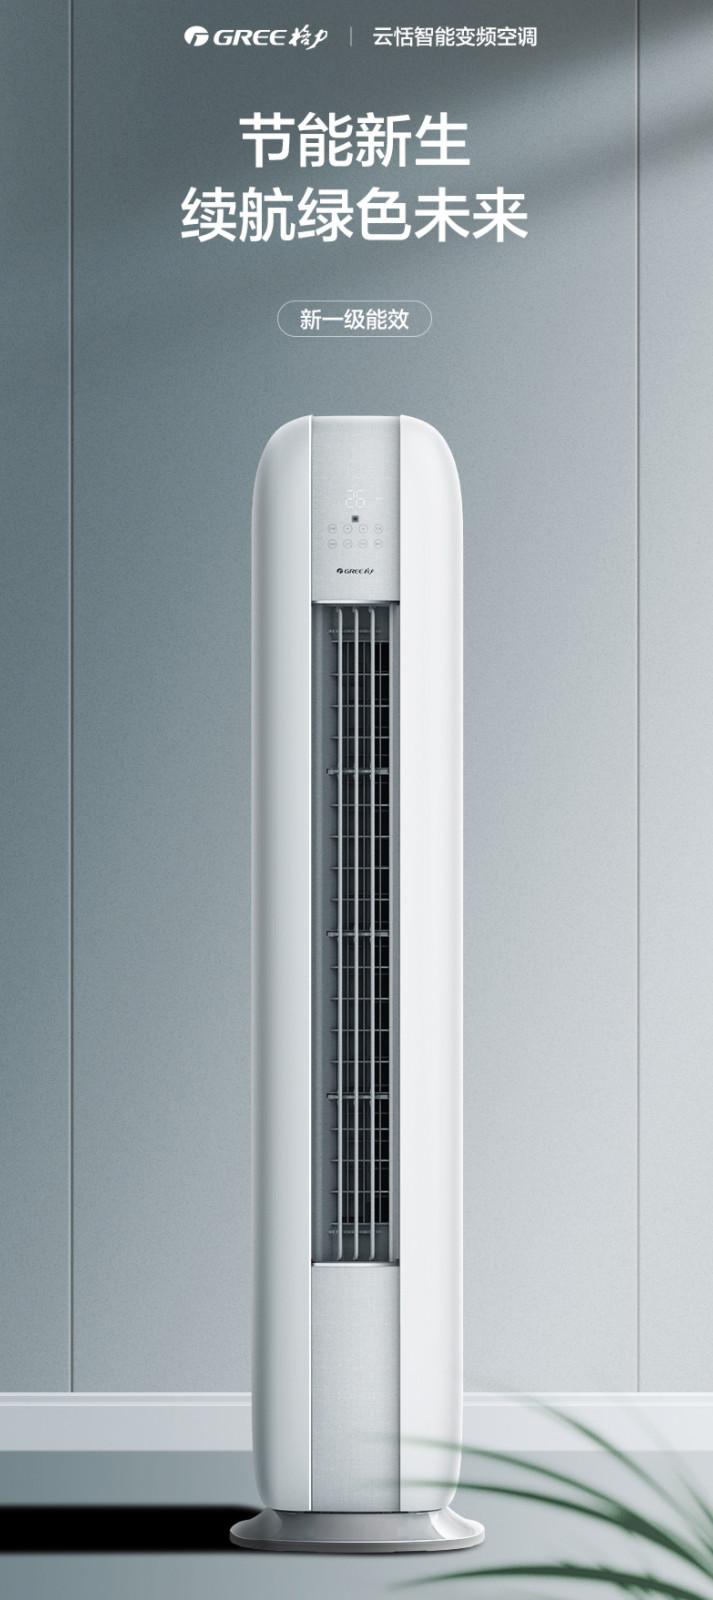 格力空调 KFR-72LW/ 3匹空调1级新能效变频冷暖柜机立式智能云恬